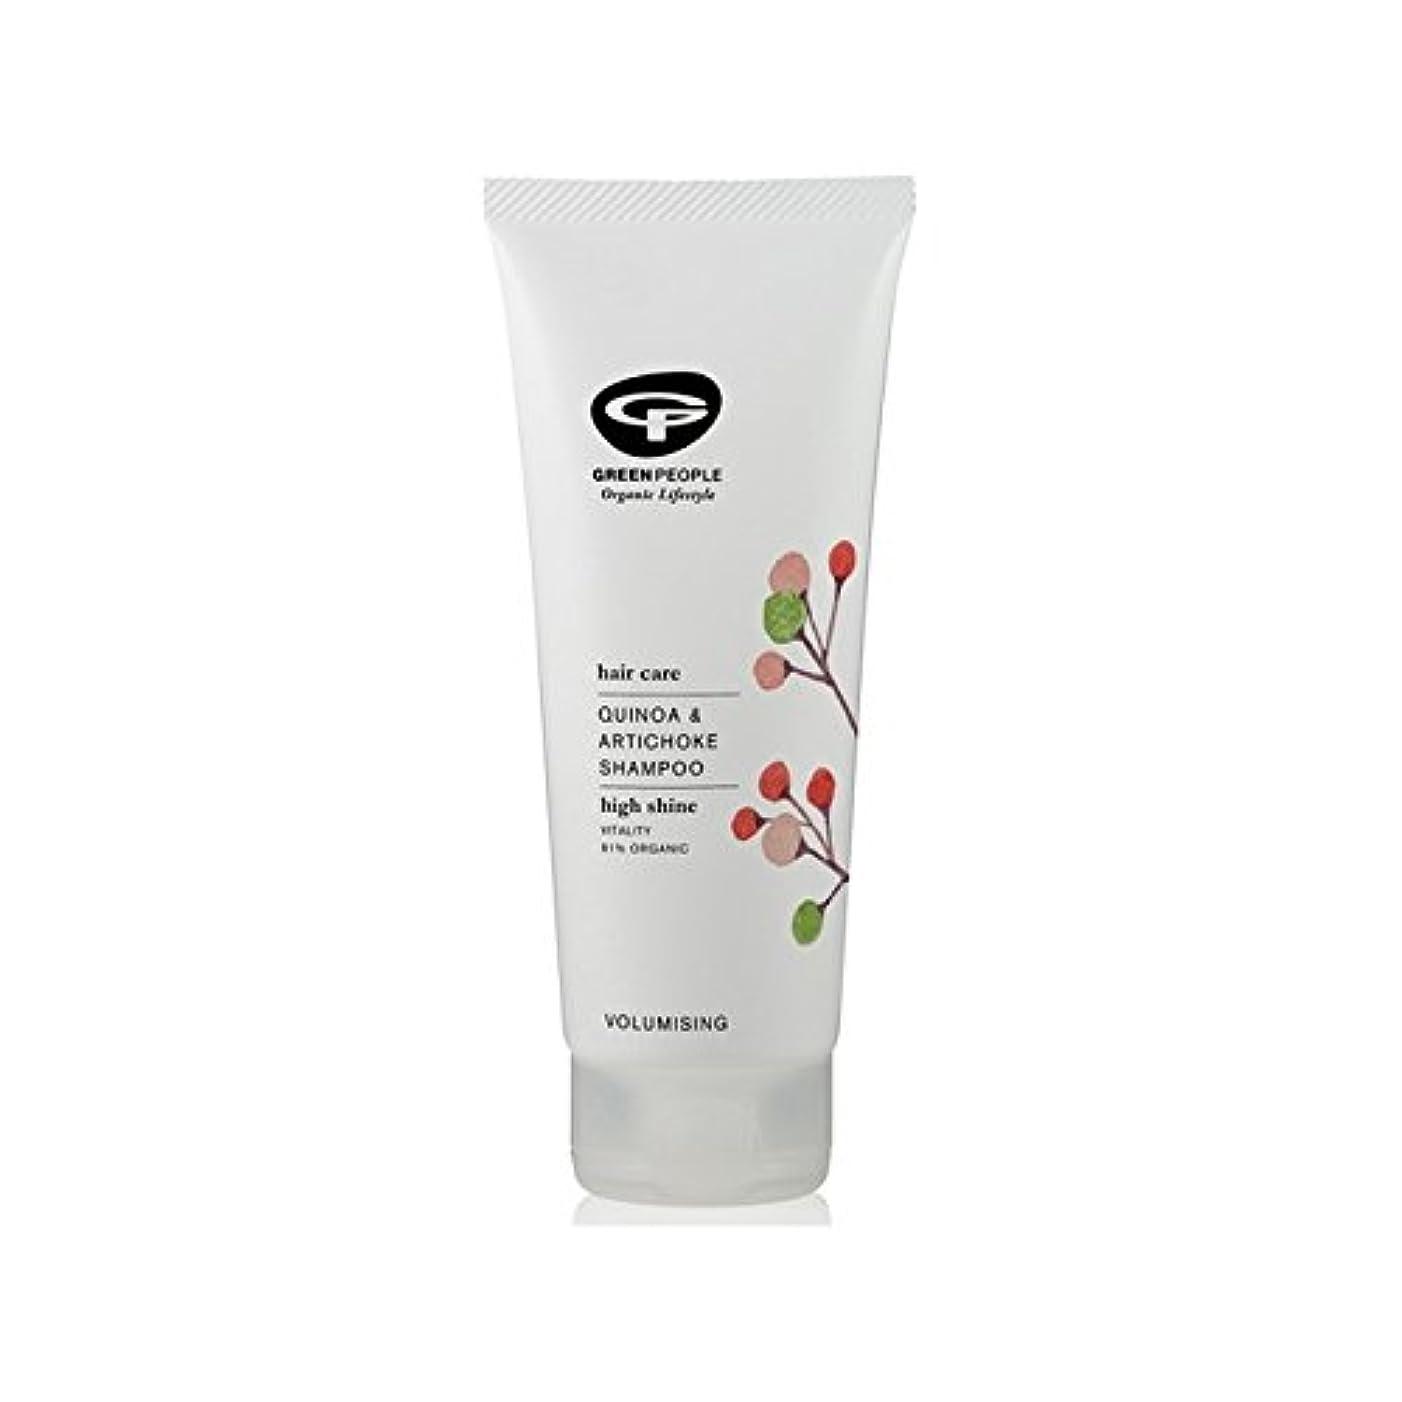 マインドテープゆるい緑の人のキノア&アーティチョークシャンプー(200ミリリットル) x4 - Green People Quinoa & Artichoke Shampoo (200ml) (Pack of 4) [並行輸入品]